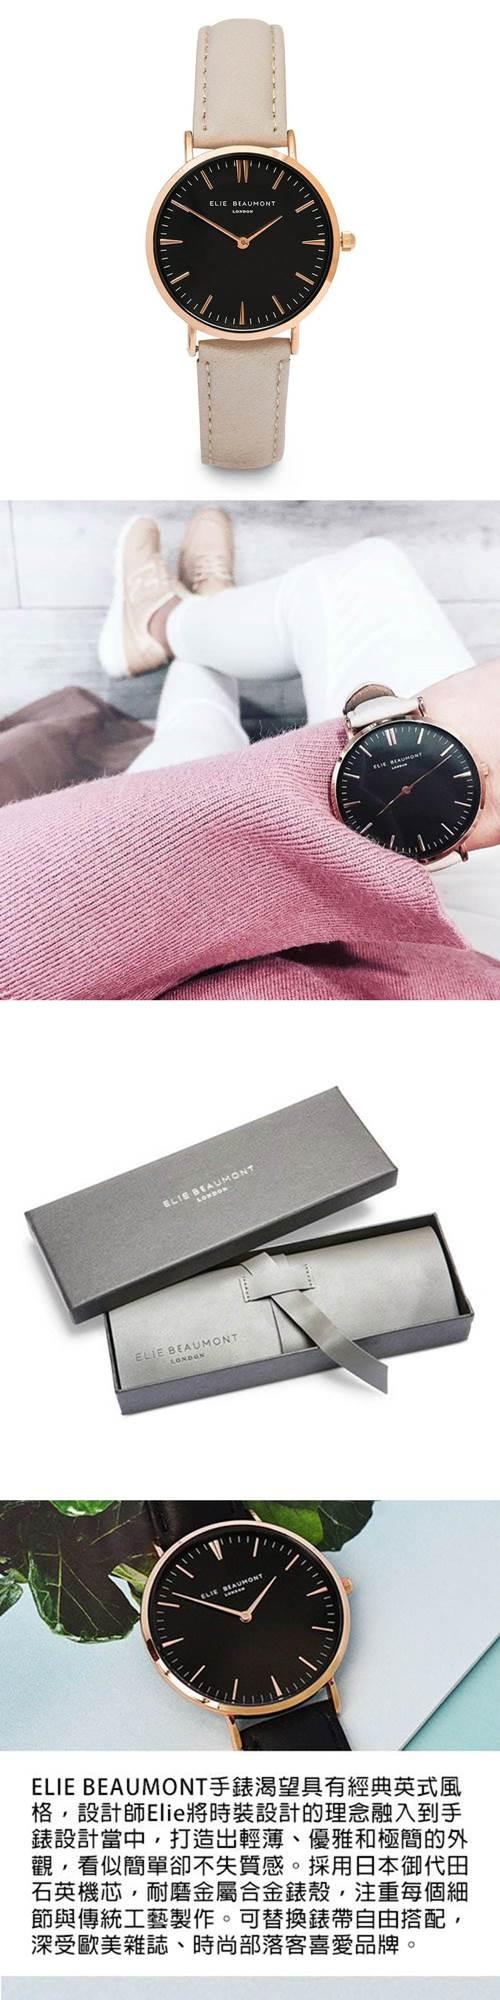 (複製)Elie Beaumont 英國時尚手錶 牛津系列 白錶盤x褐色皮革錶帶x玫瑰金錶框33mm